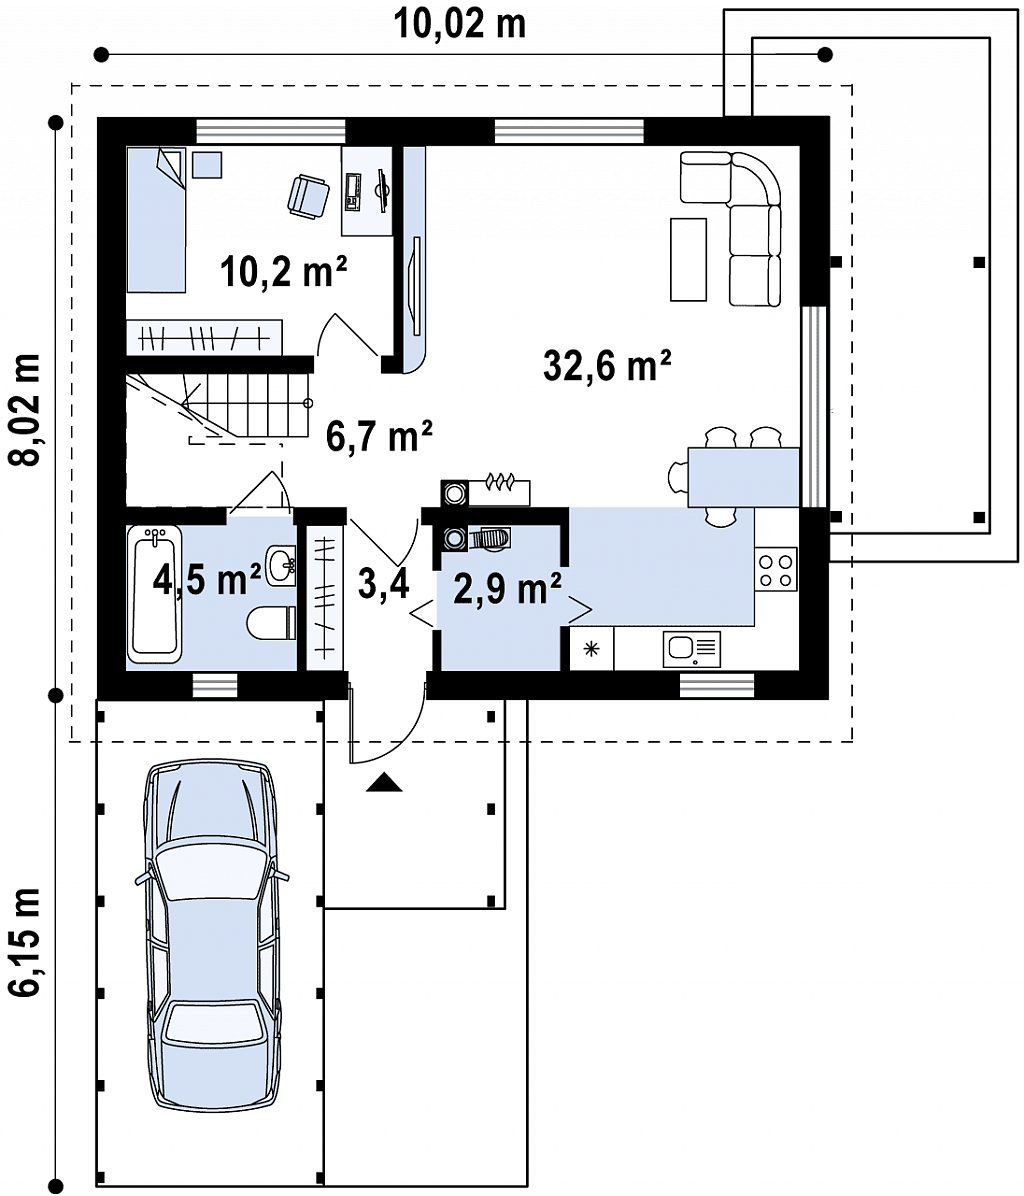 Проект дома в традиционном стиле с двускатной крышей. план помещений 1